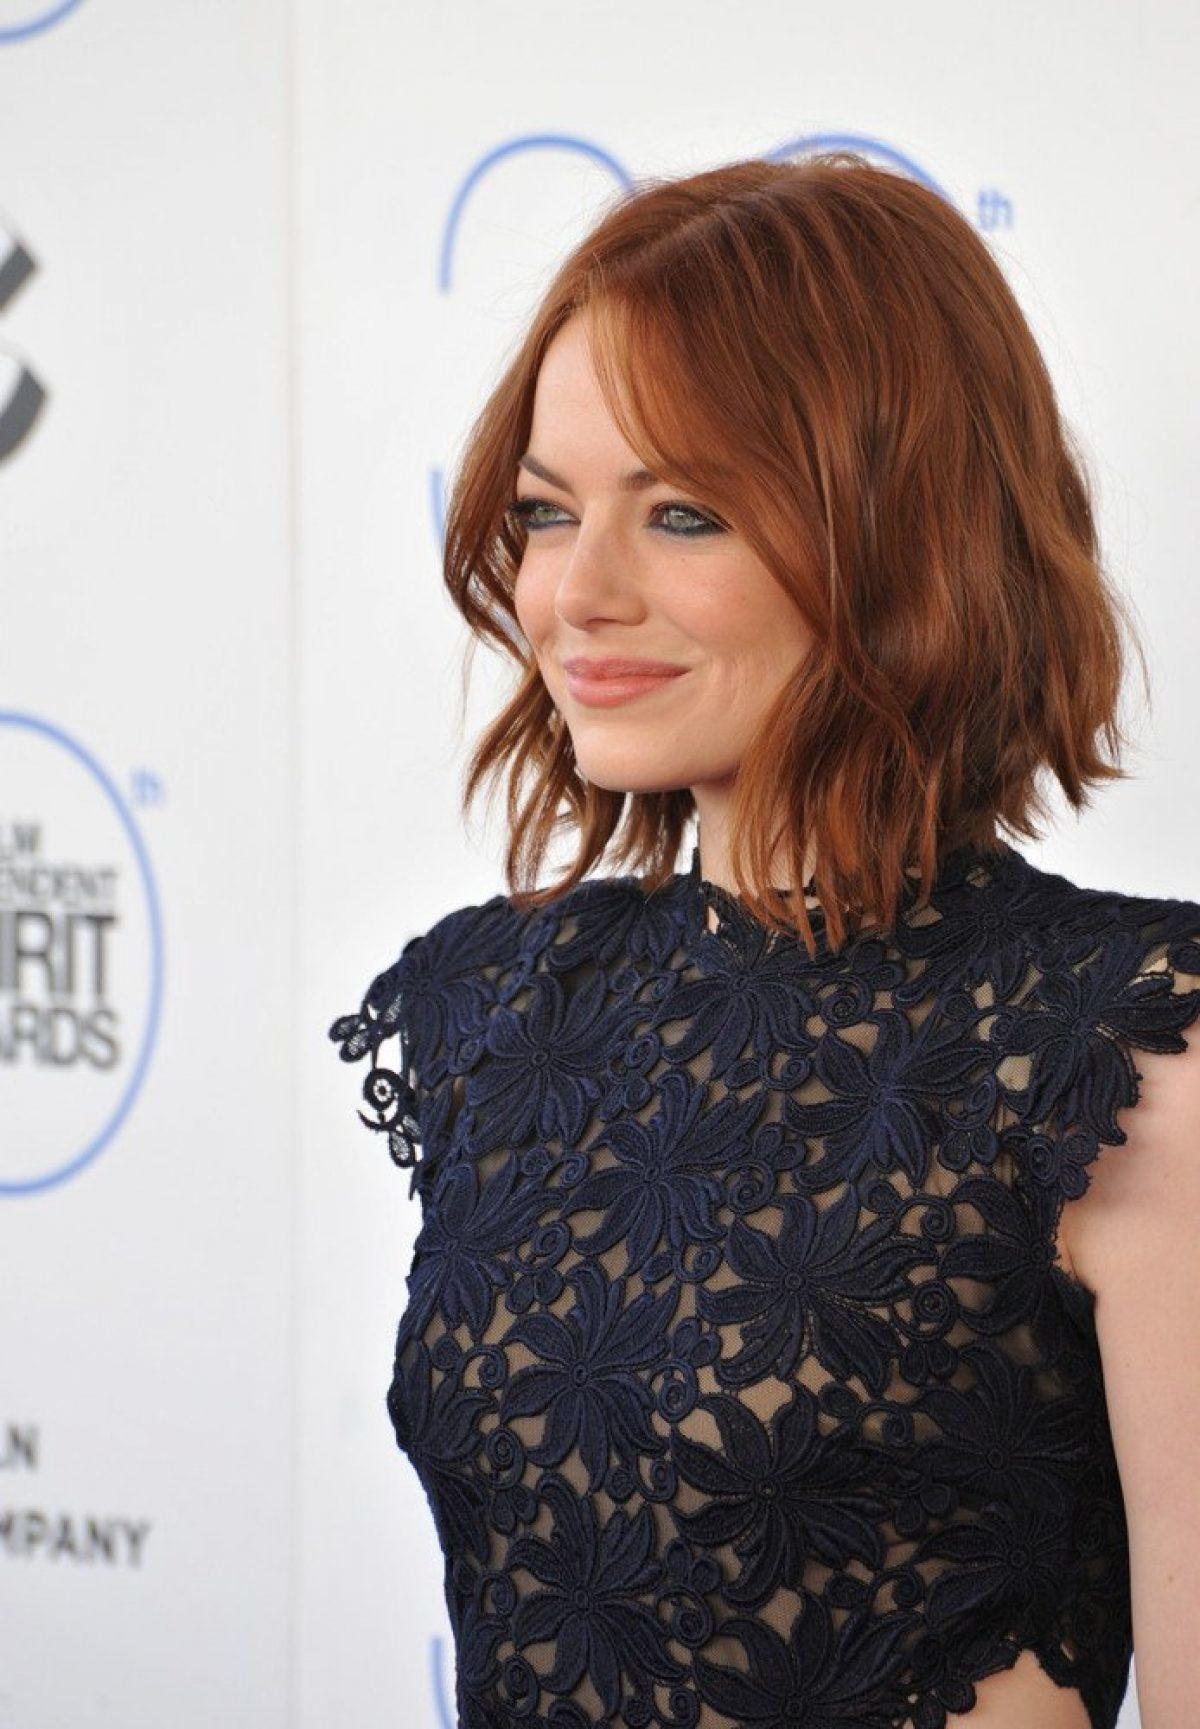 Emma Stone Frisuren - Die 9 Schönsten Frisuren zum Ausprobieren!